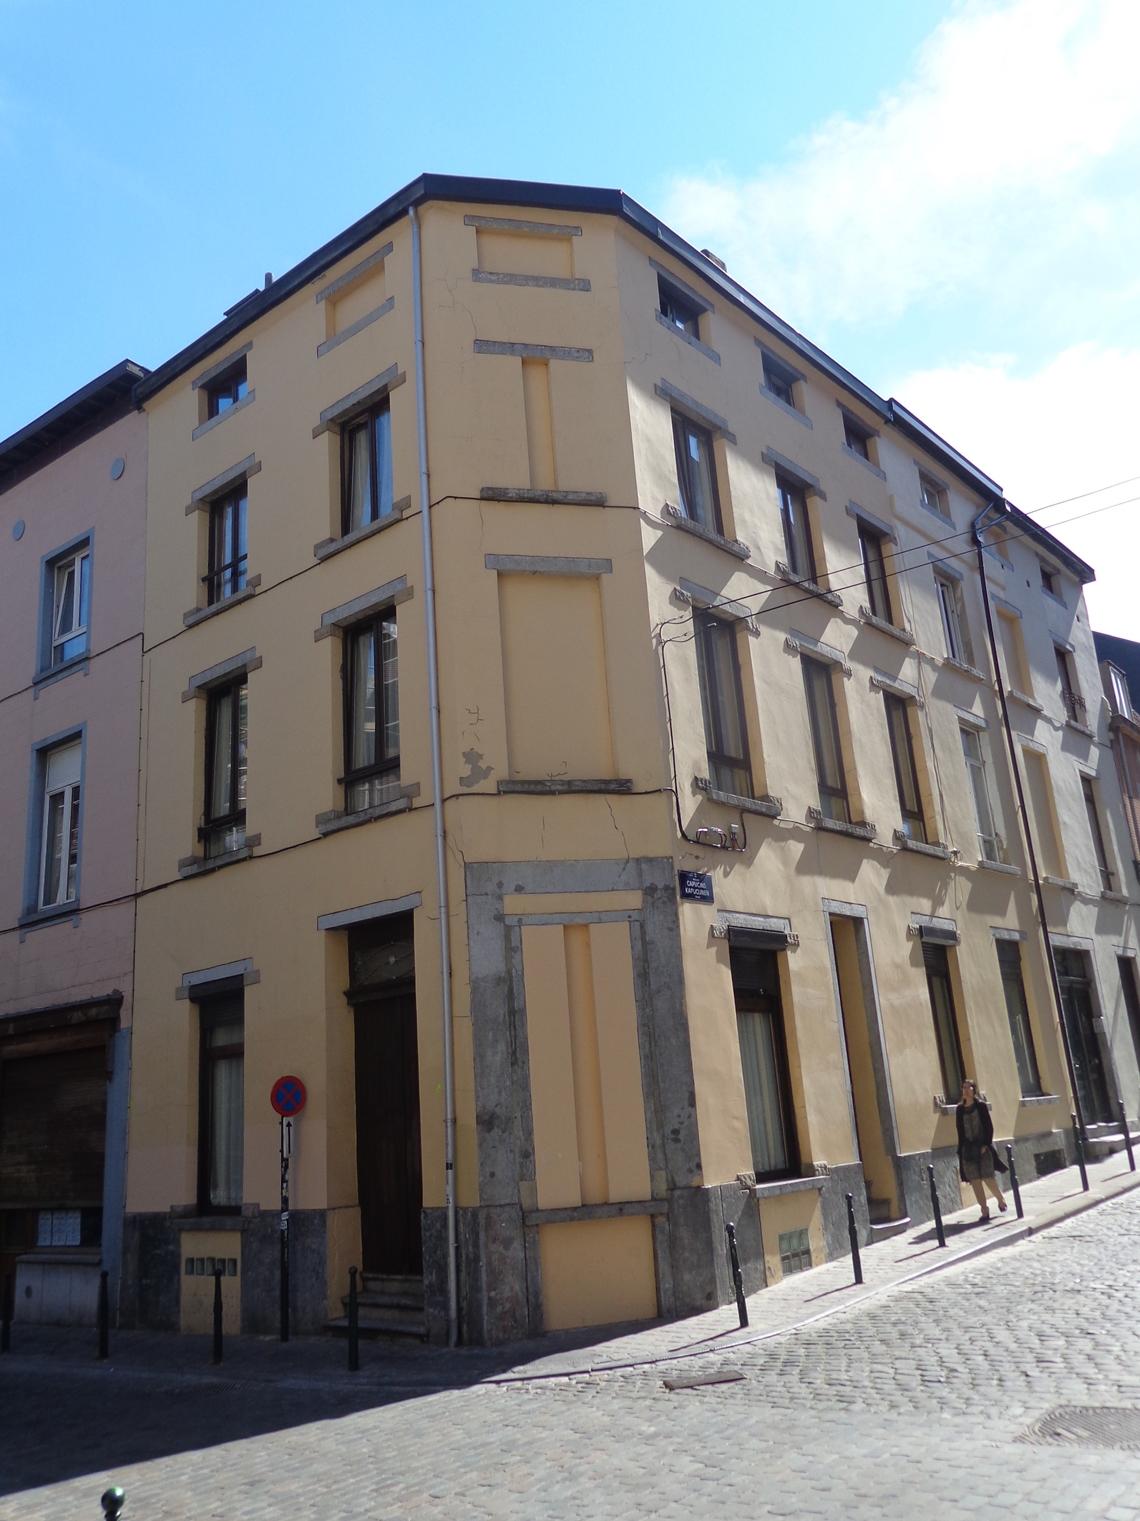 Rue des Capucins 2, Rue des Tanneurs 96, 2015